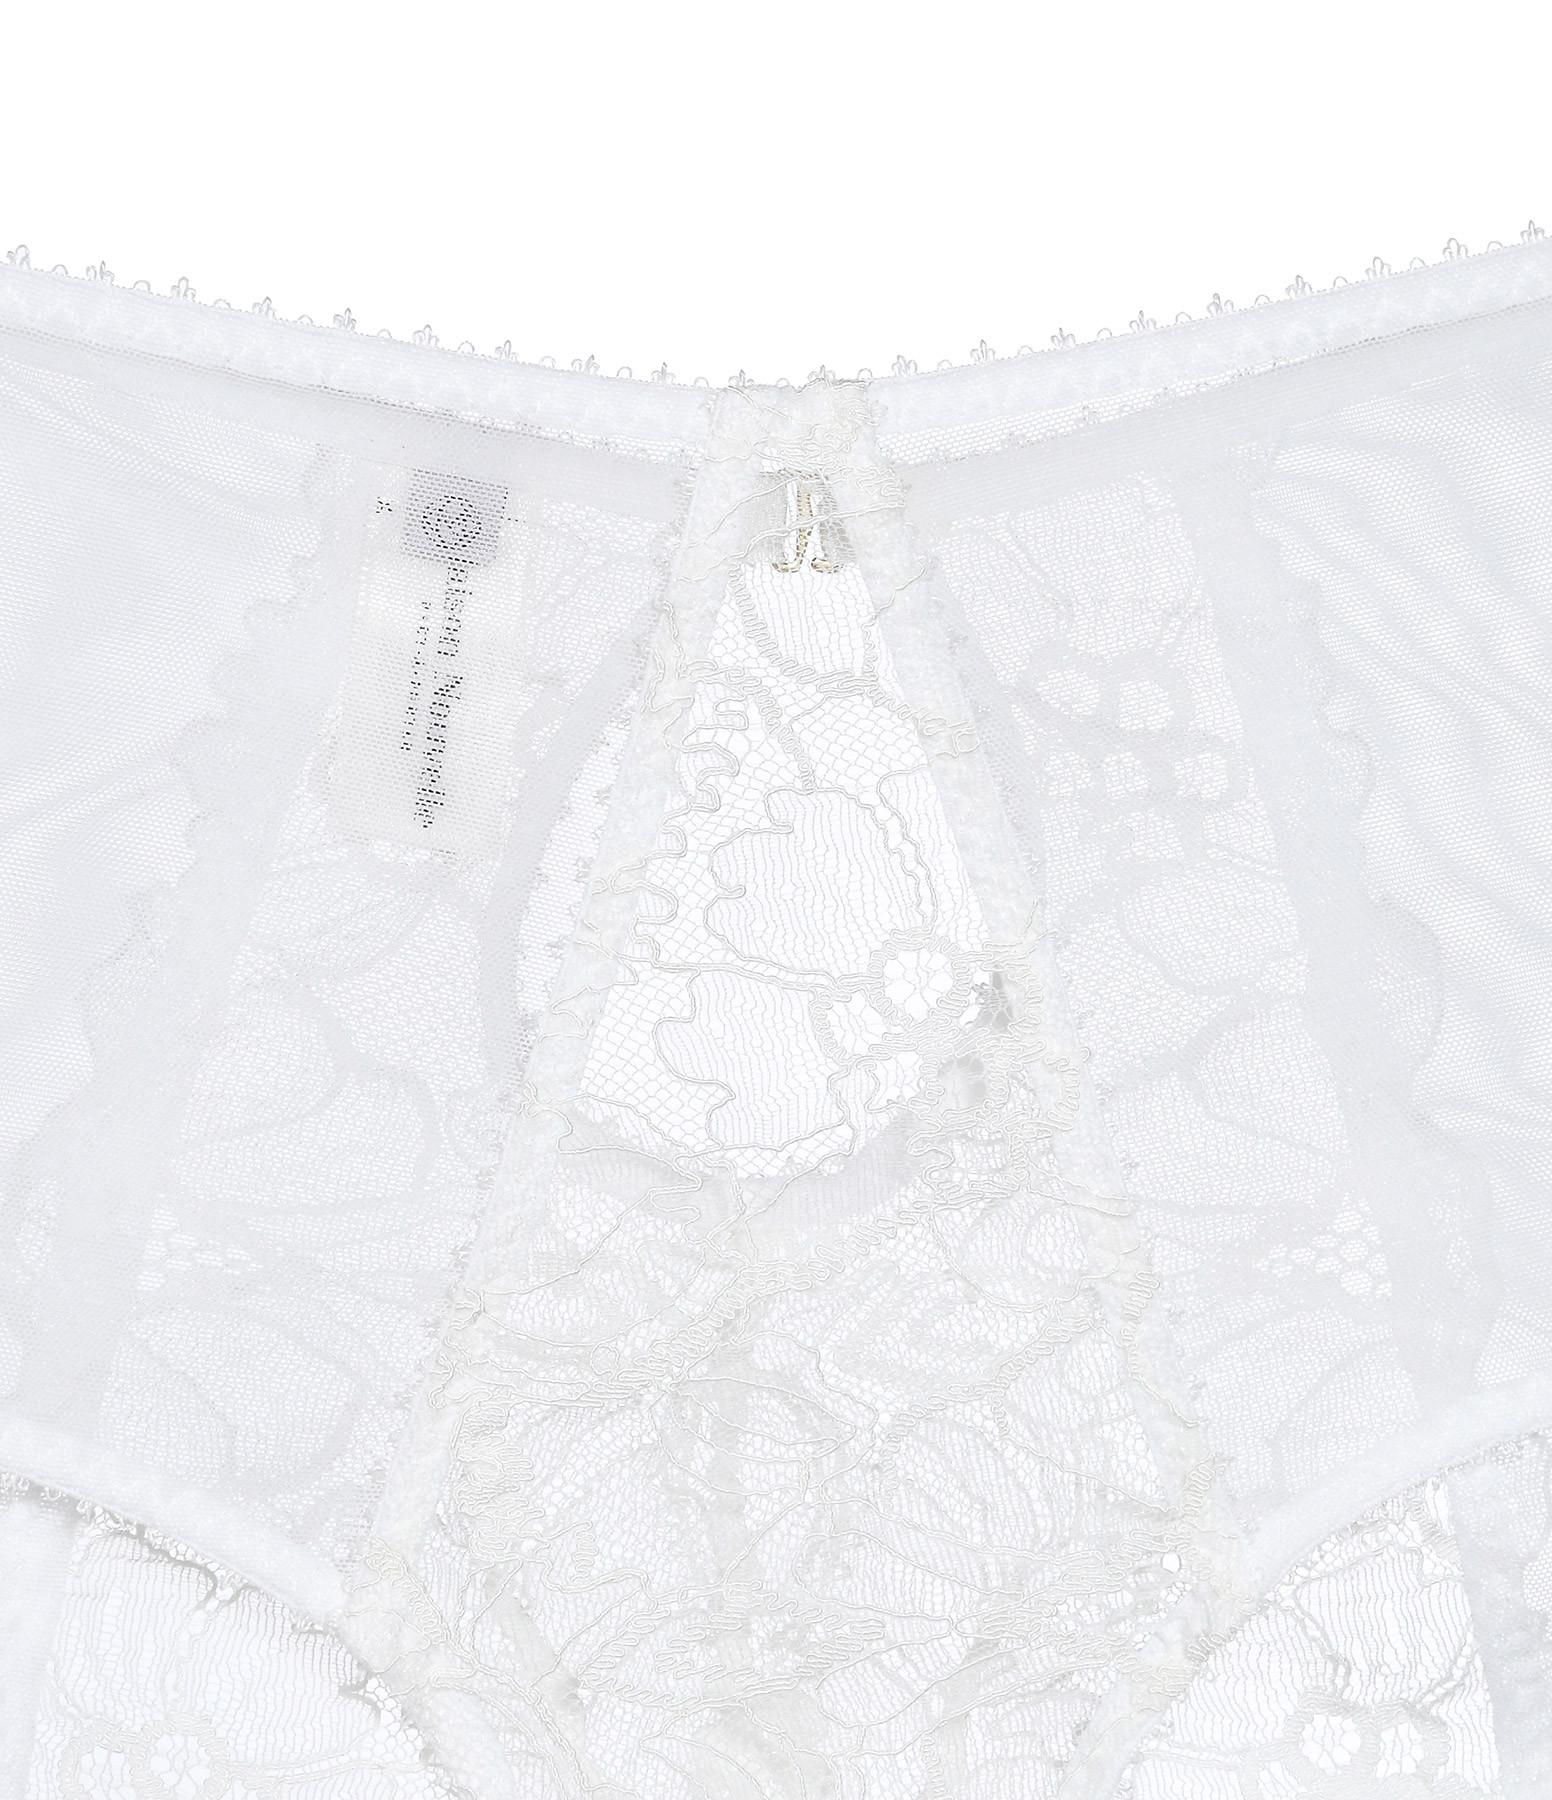 MAISON NOUVELLE - Culotte Taille Haute Dentelle Blanc